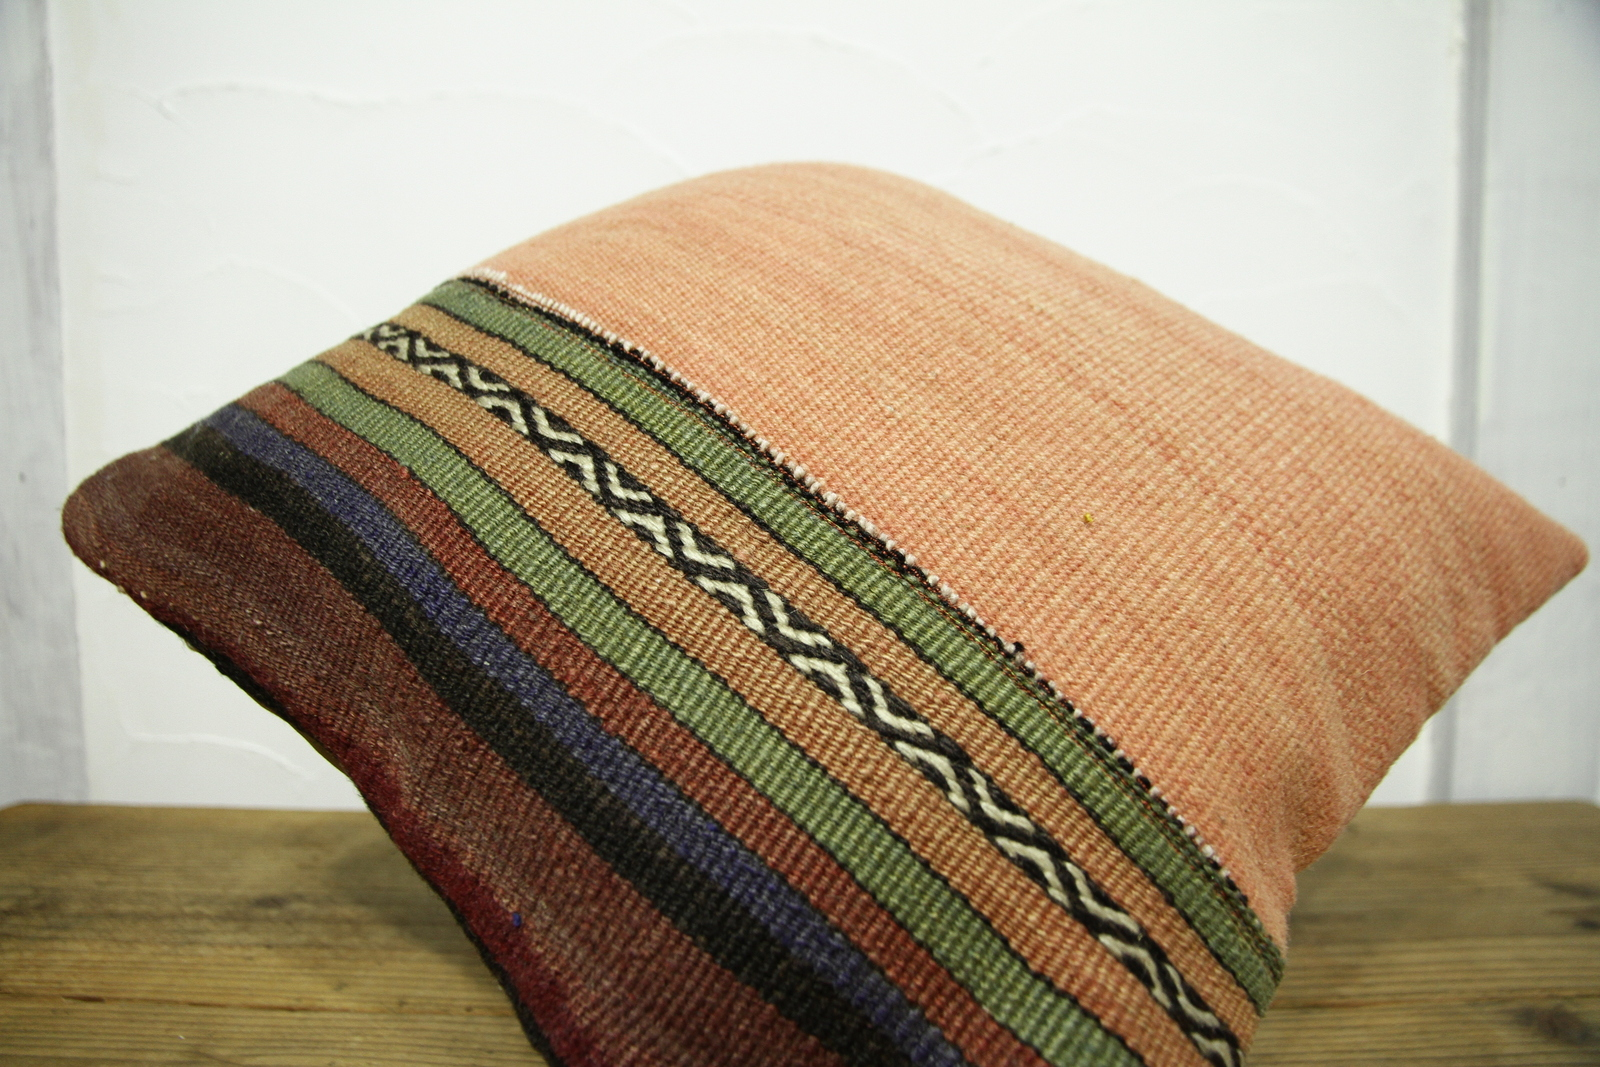 Kilim Pillows |16x16 | Decorative Pillows | 460 | Accent Pillows turkish pillow